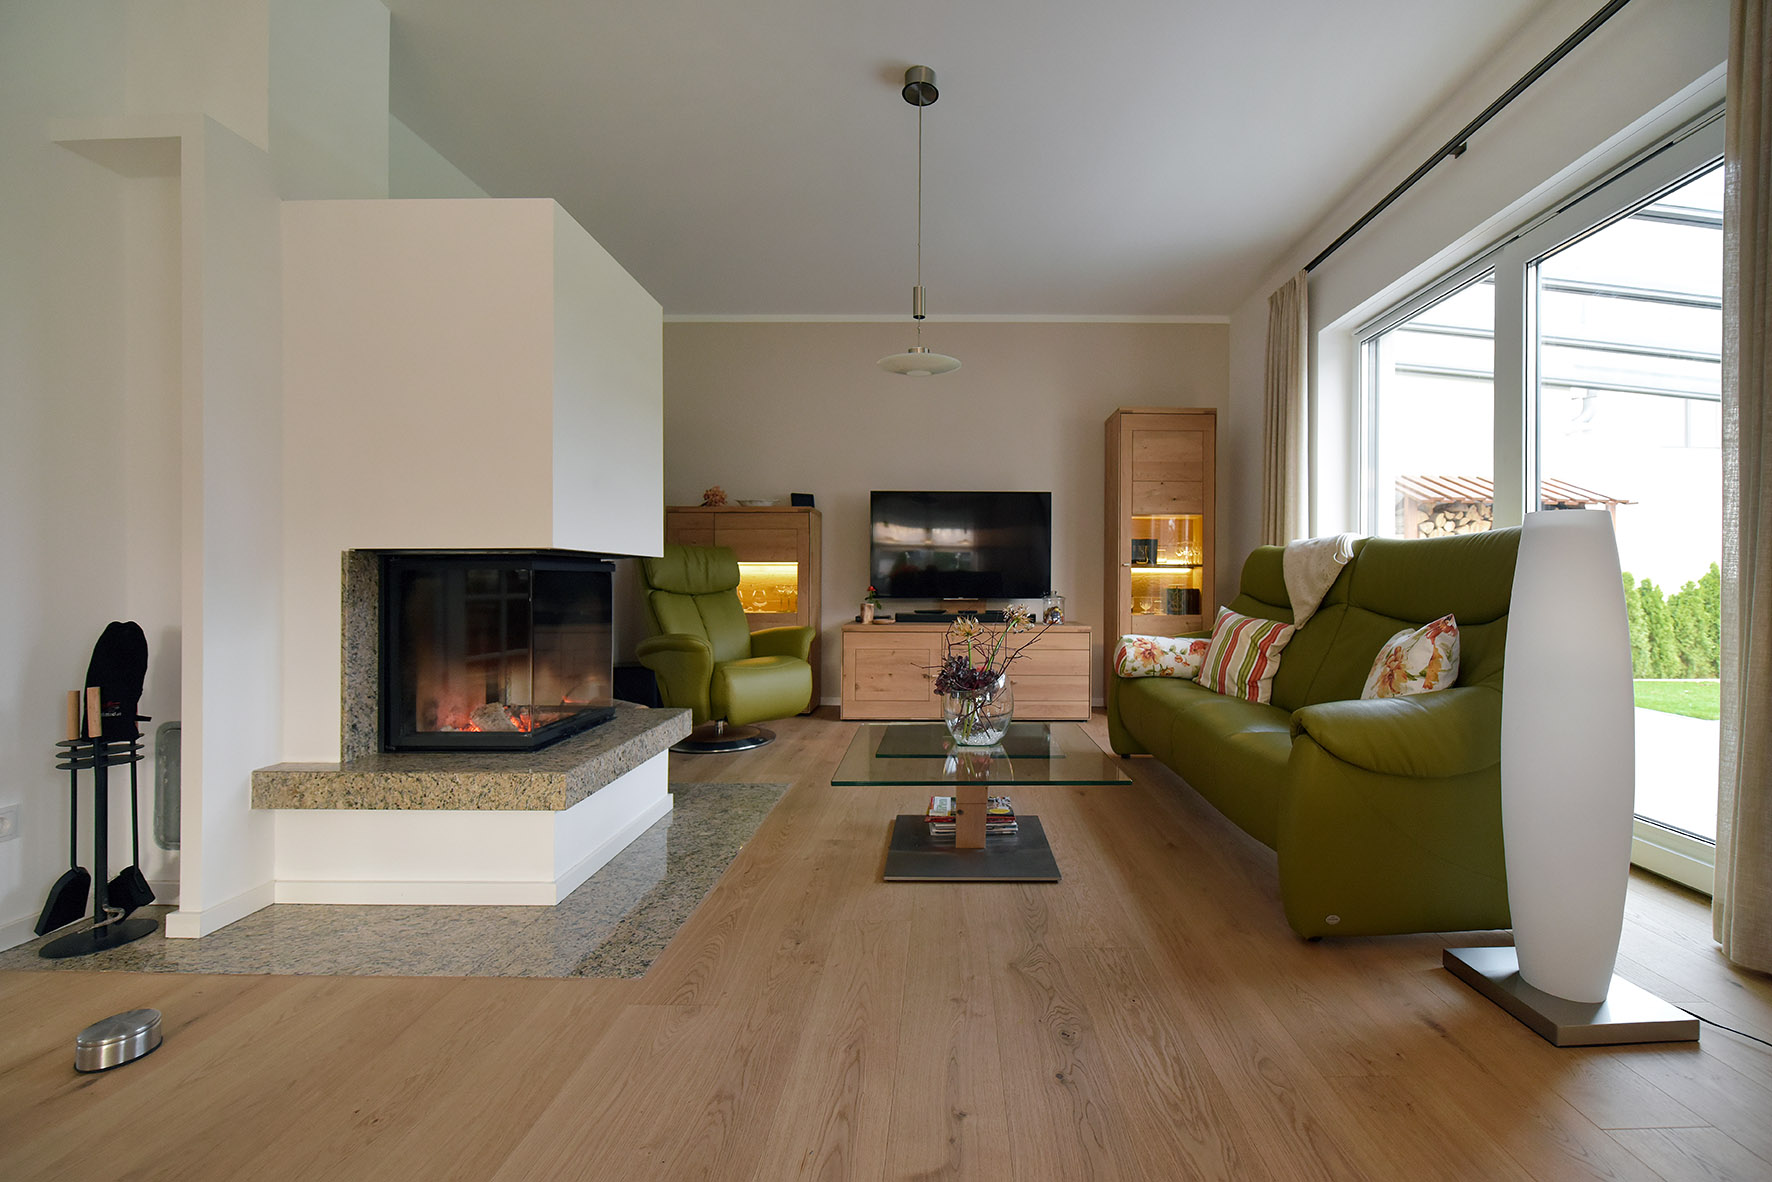 Wohnzimmer - 2094.jpg